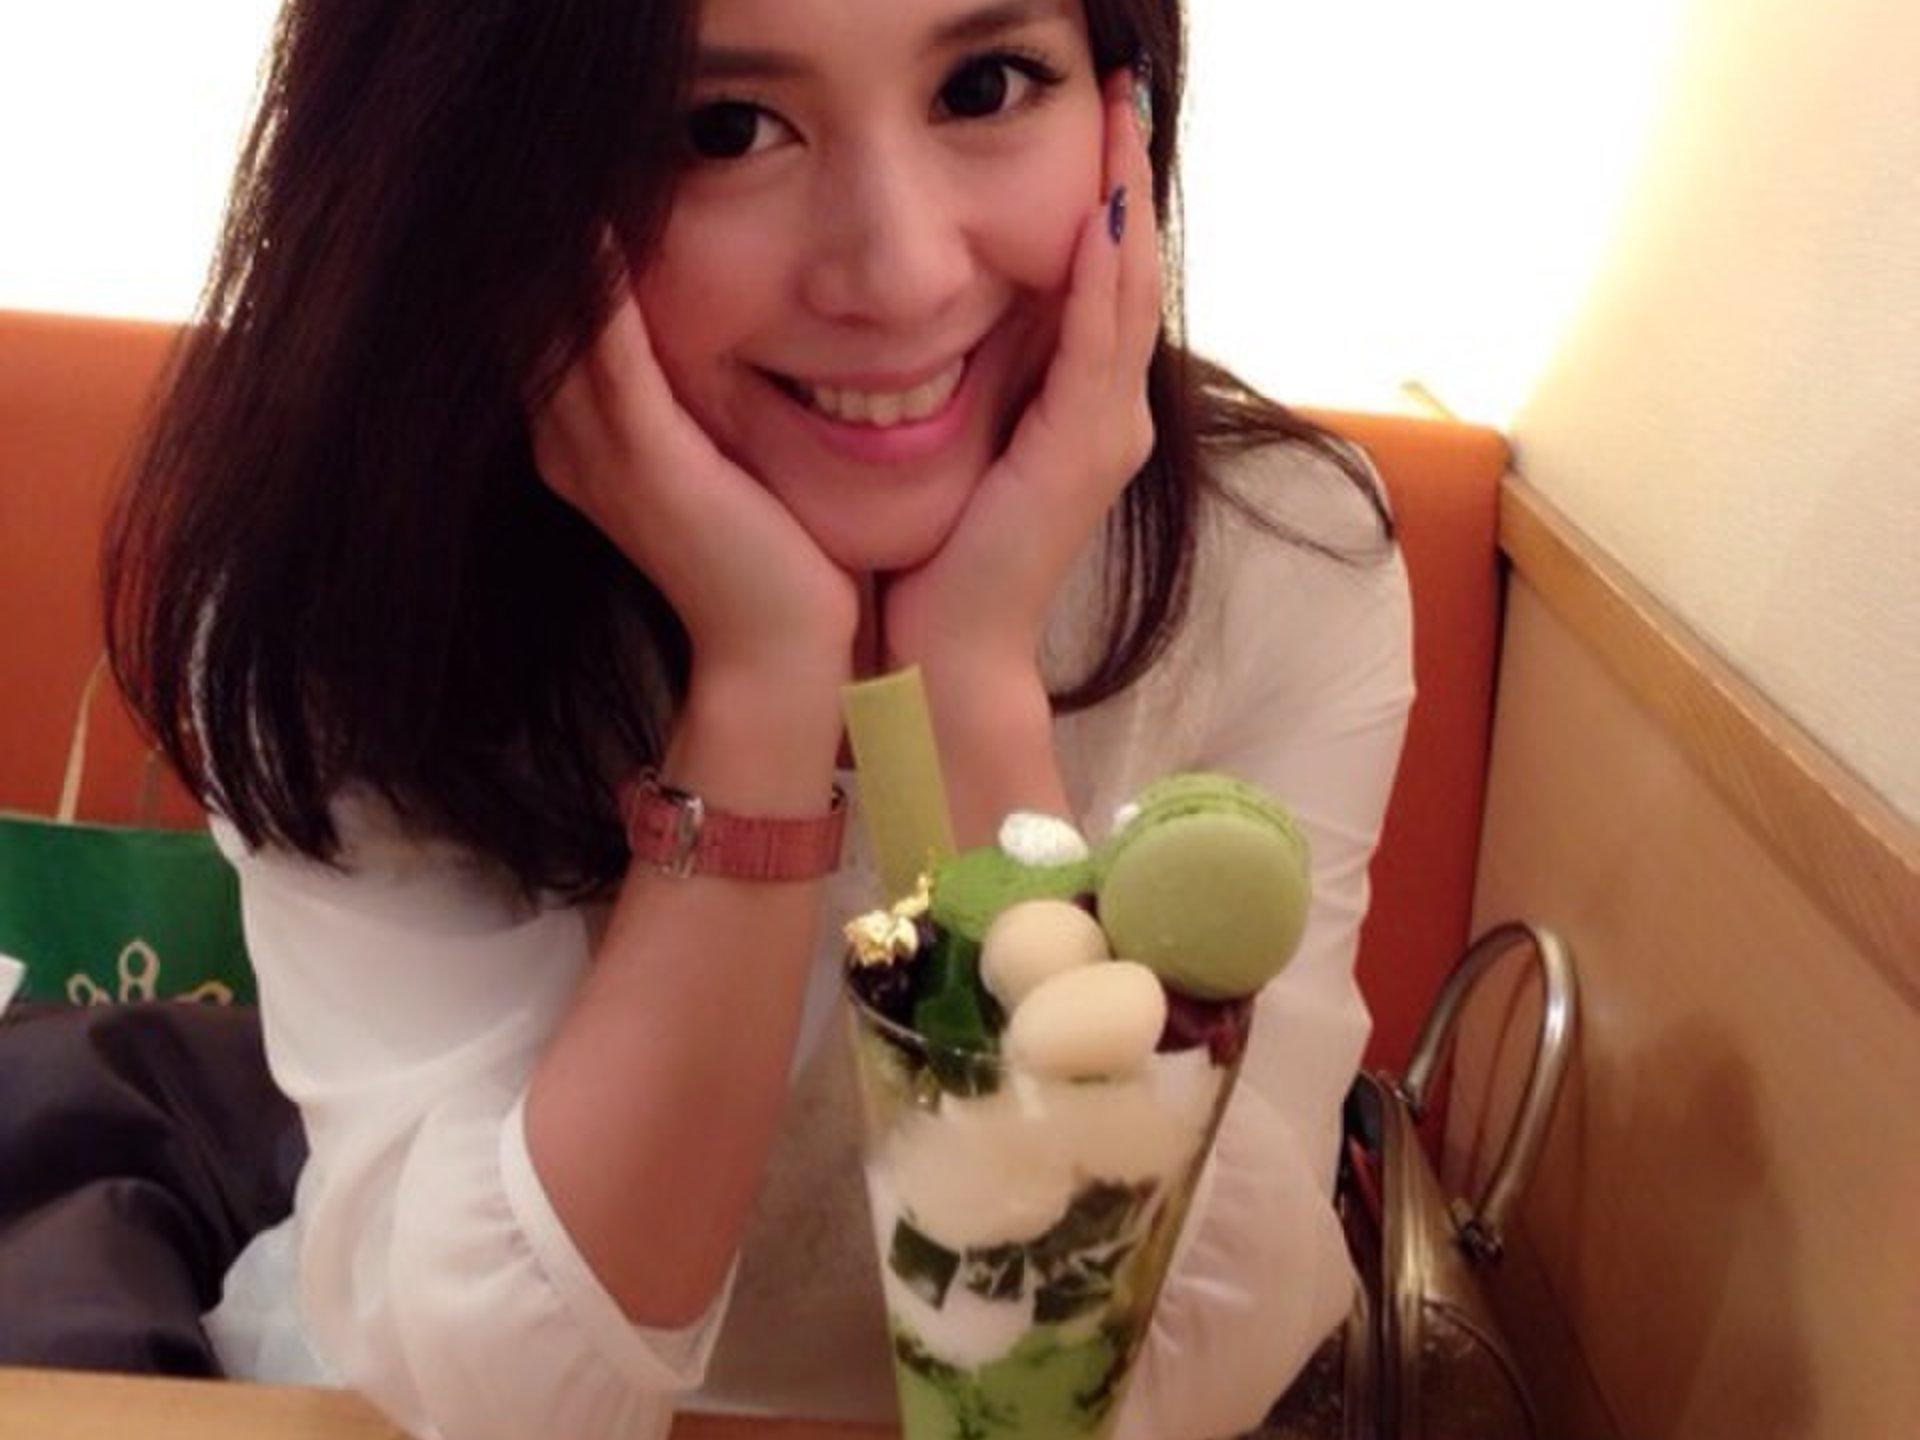 【京都限定スイーツ特集】京都で絶品スイーツが楽しめるオススメ店7選